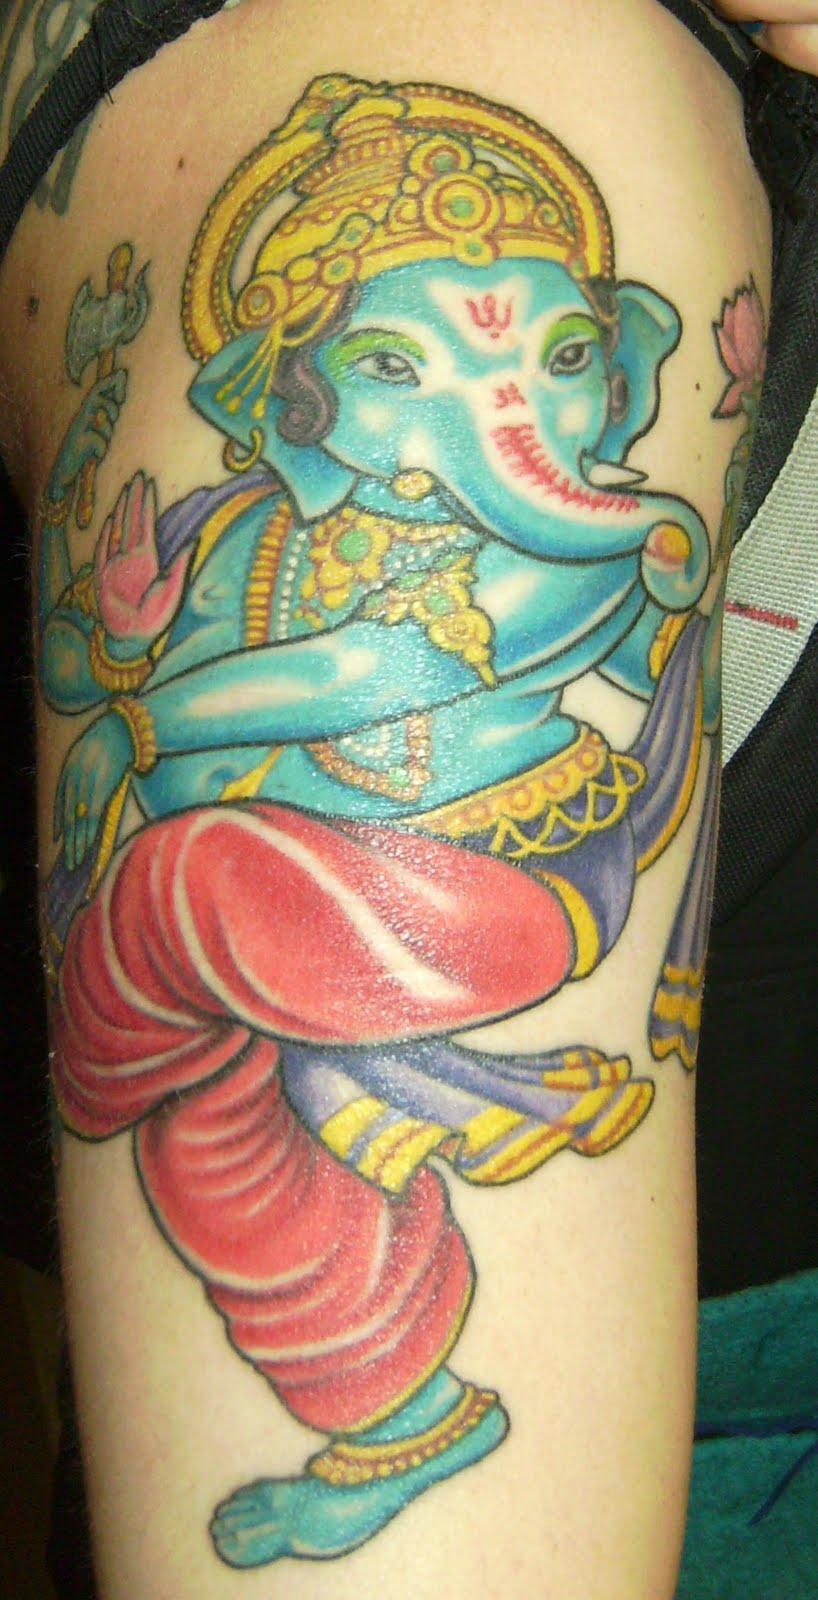 Tattoosday (A Tattoo Blog): Ganesh Waits for the A Train